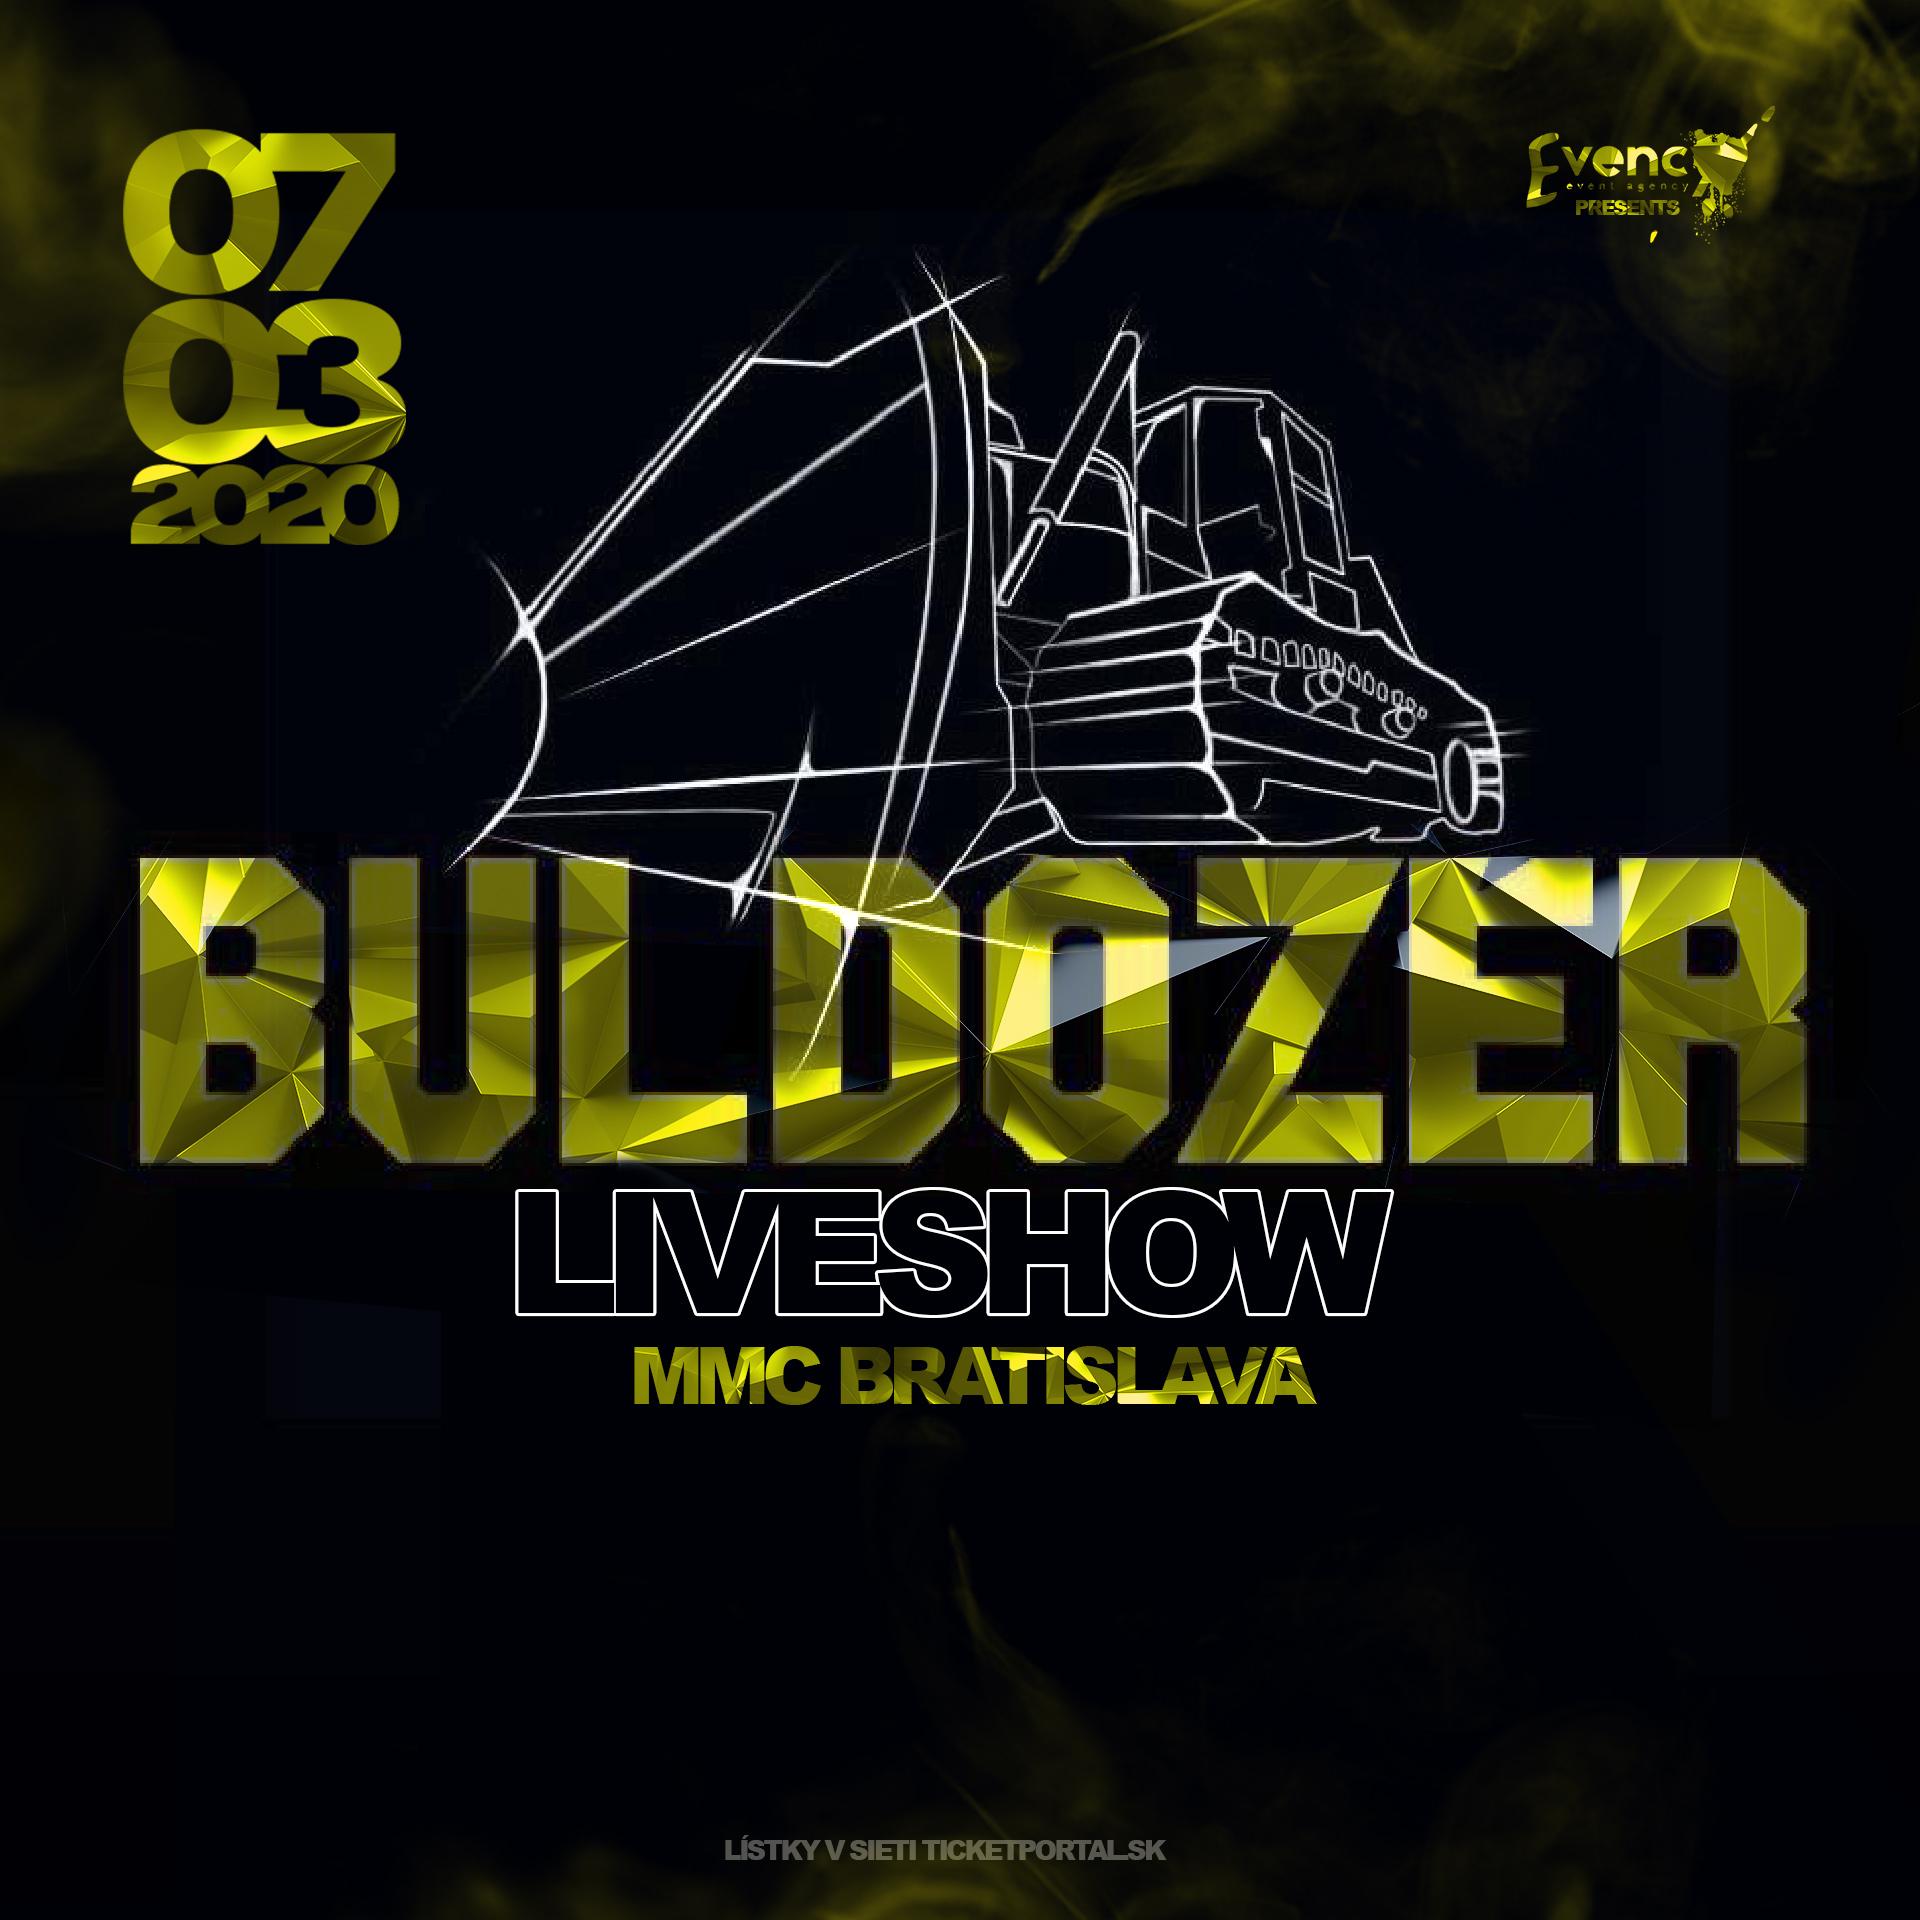 SEPAR BULDOZER SHOW v Bratislave | 07.03.2020 - sobota Majestic Music Club, Bratislava